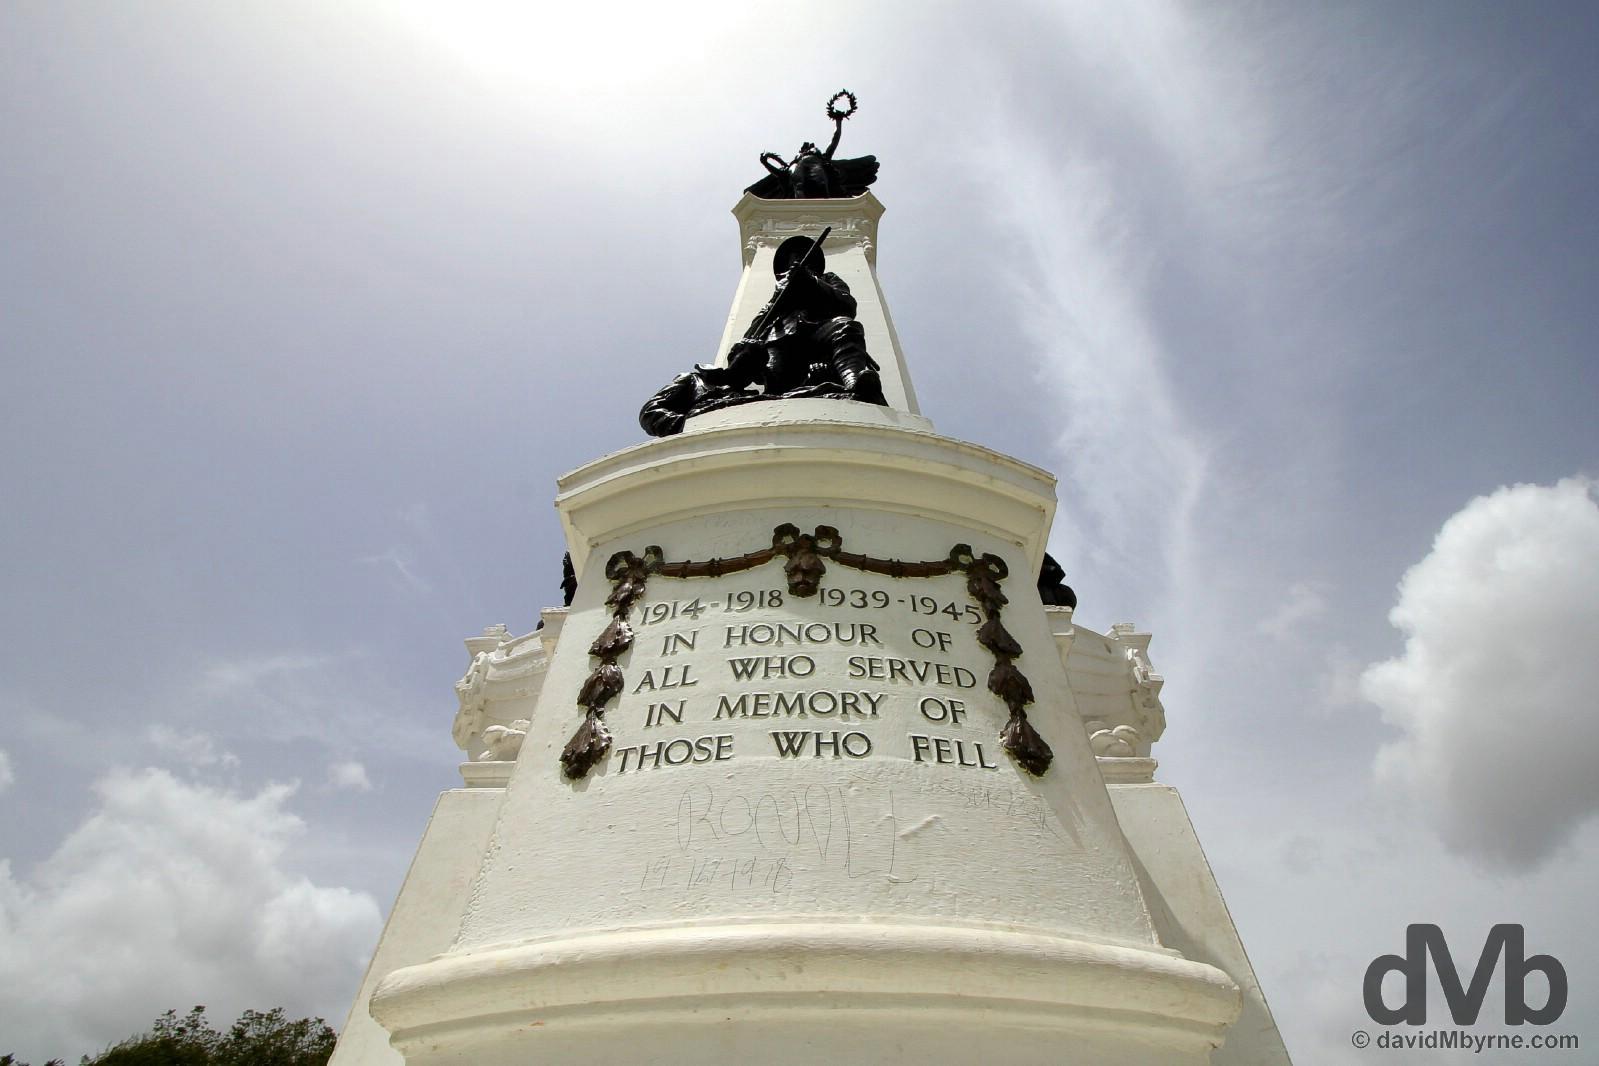 Memorial Park, Port of Spain, Trinidad & Tobago. June 17, 2015.